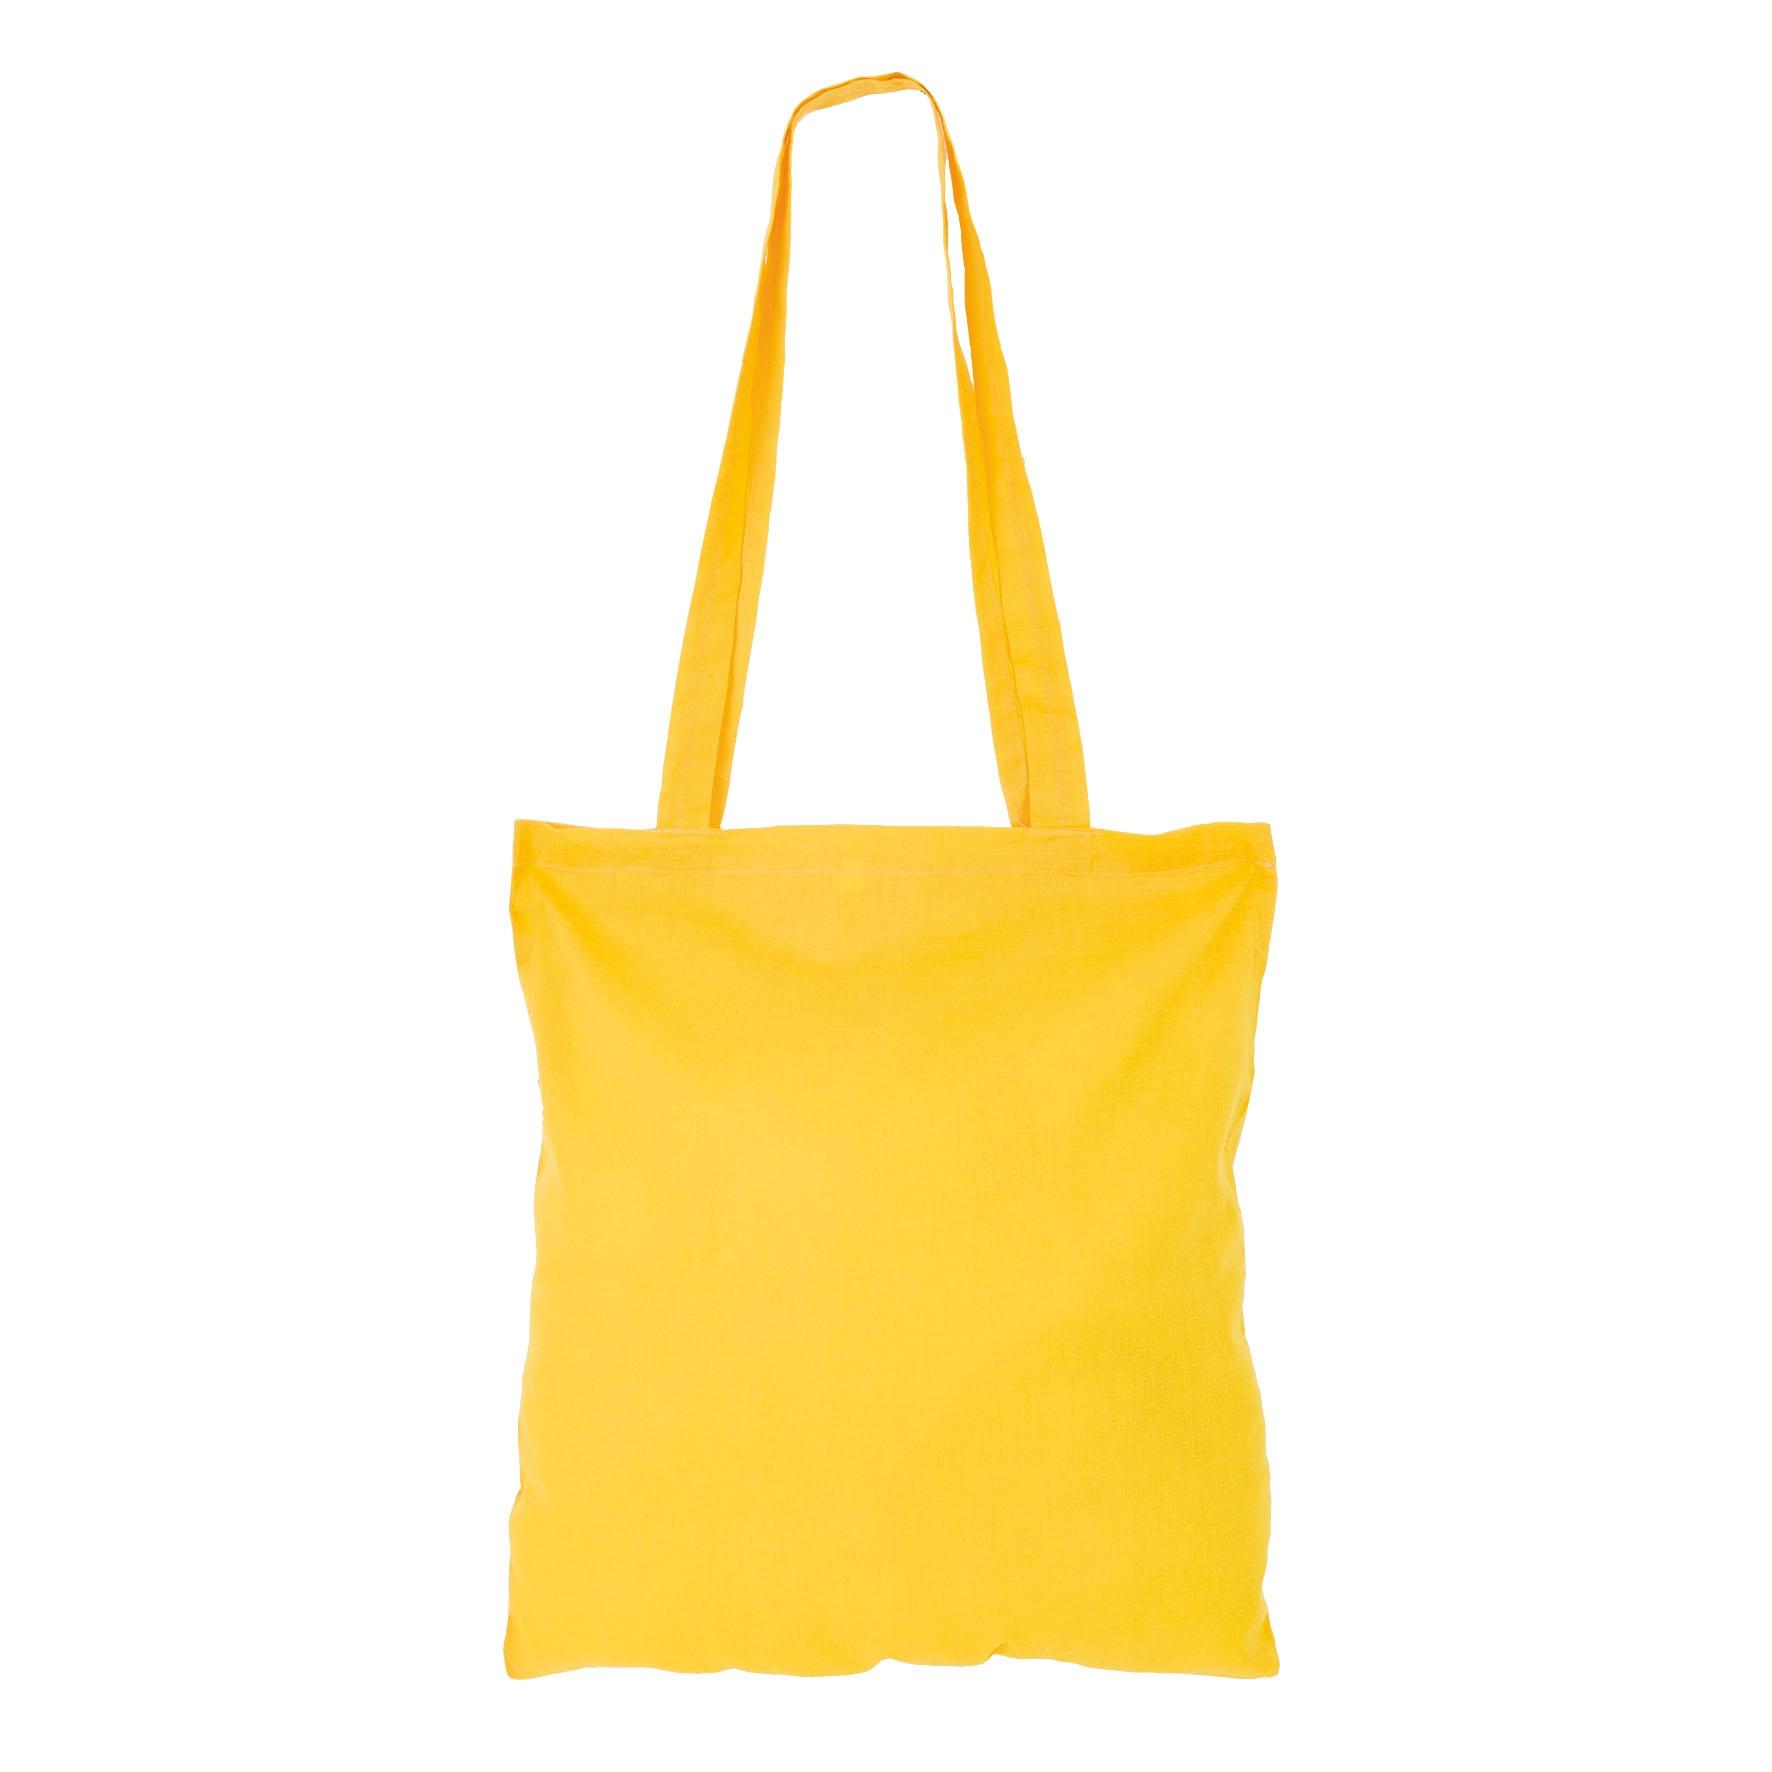 Sac shopping publicitaire coton Maria - sac shopping personnalisable - noir